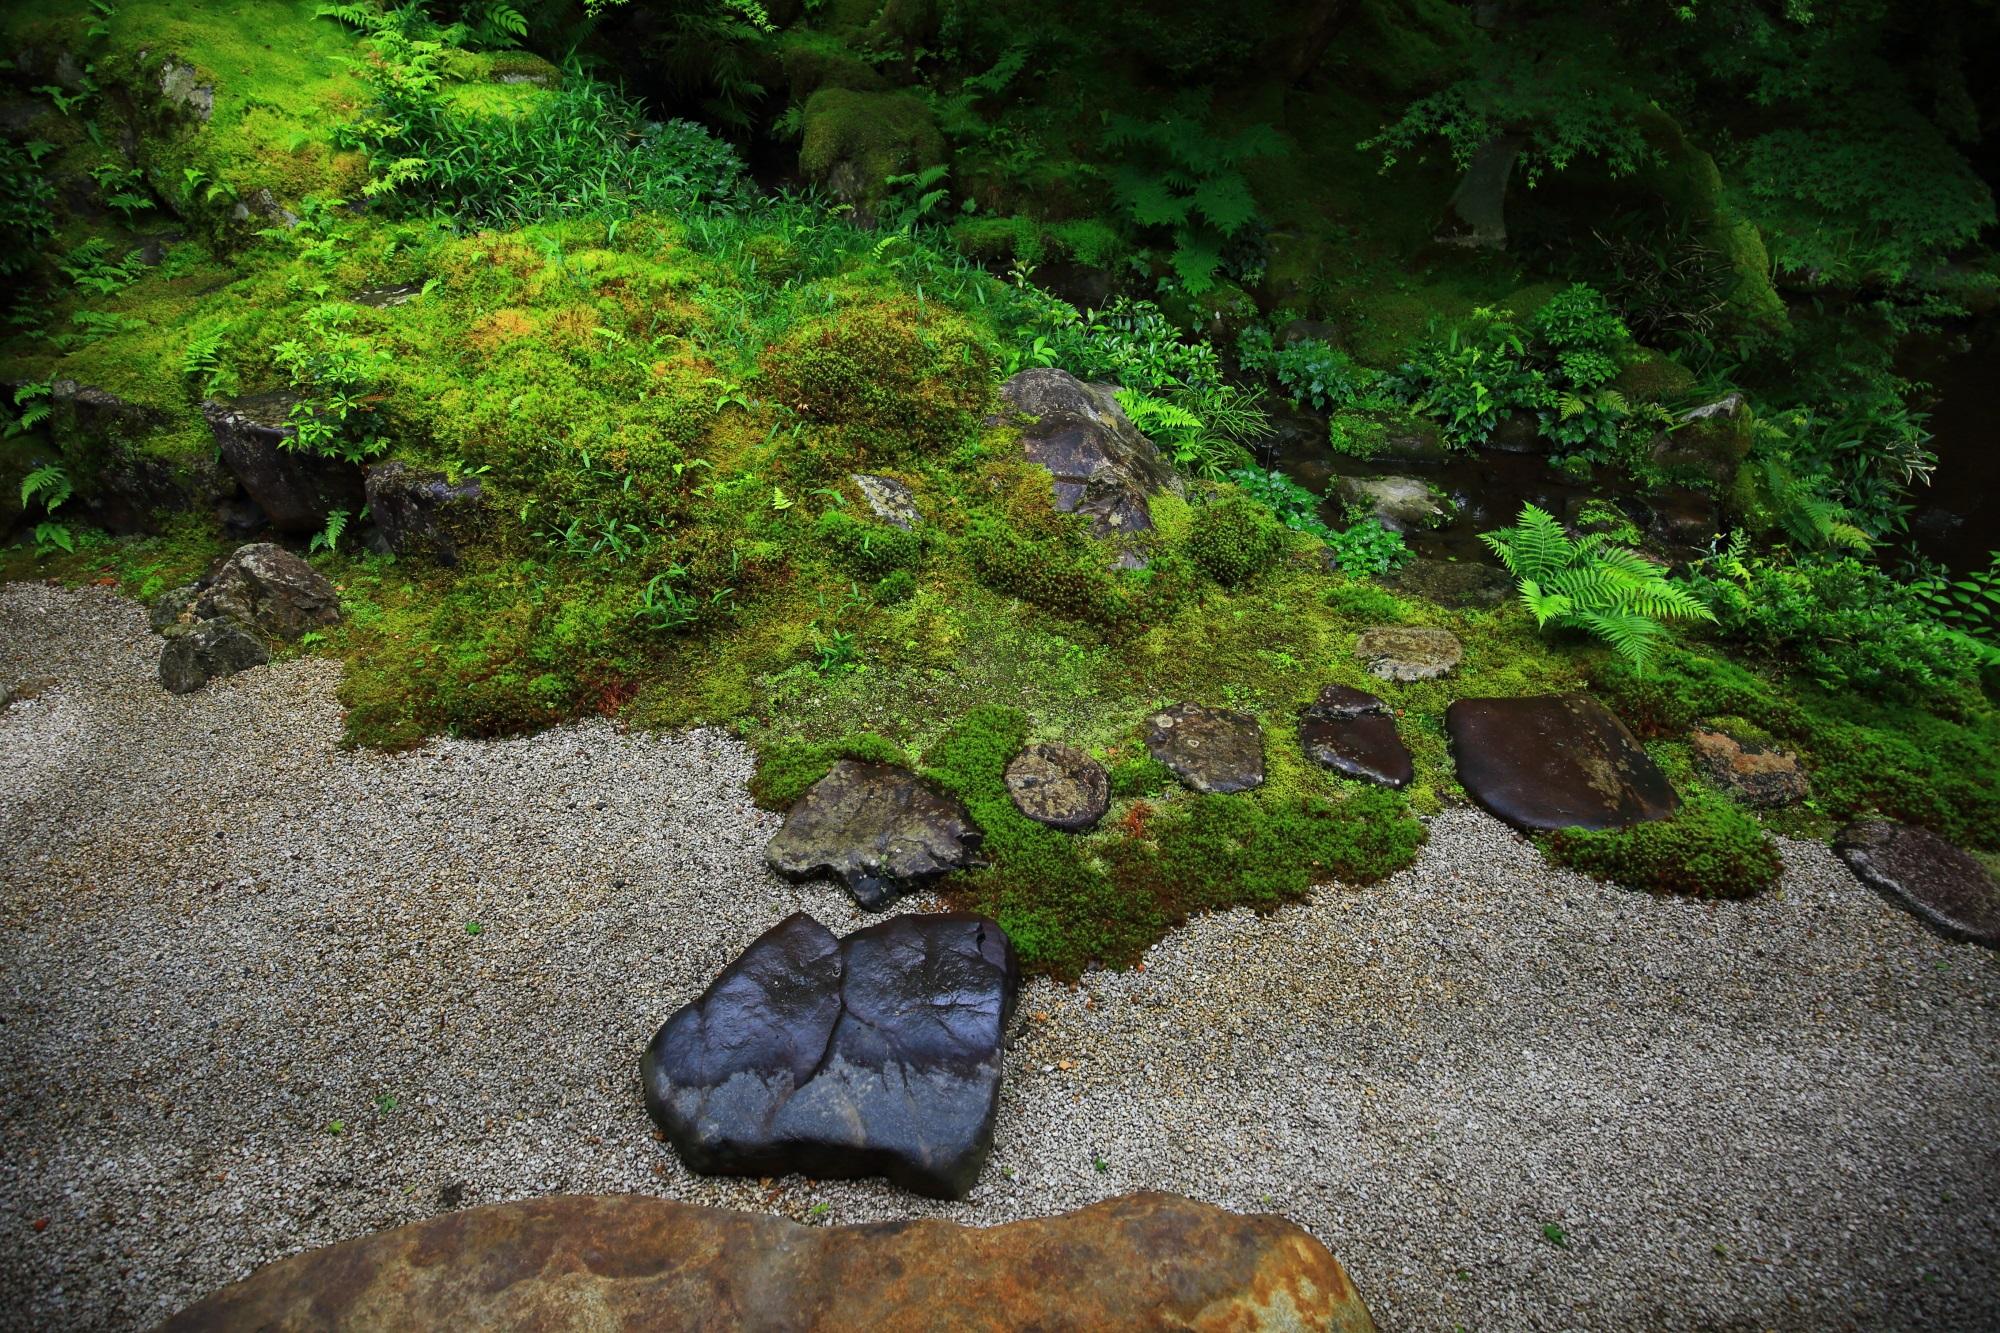 瑠璃光院の風情ある見事な臥龍の庭